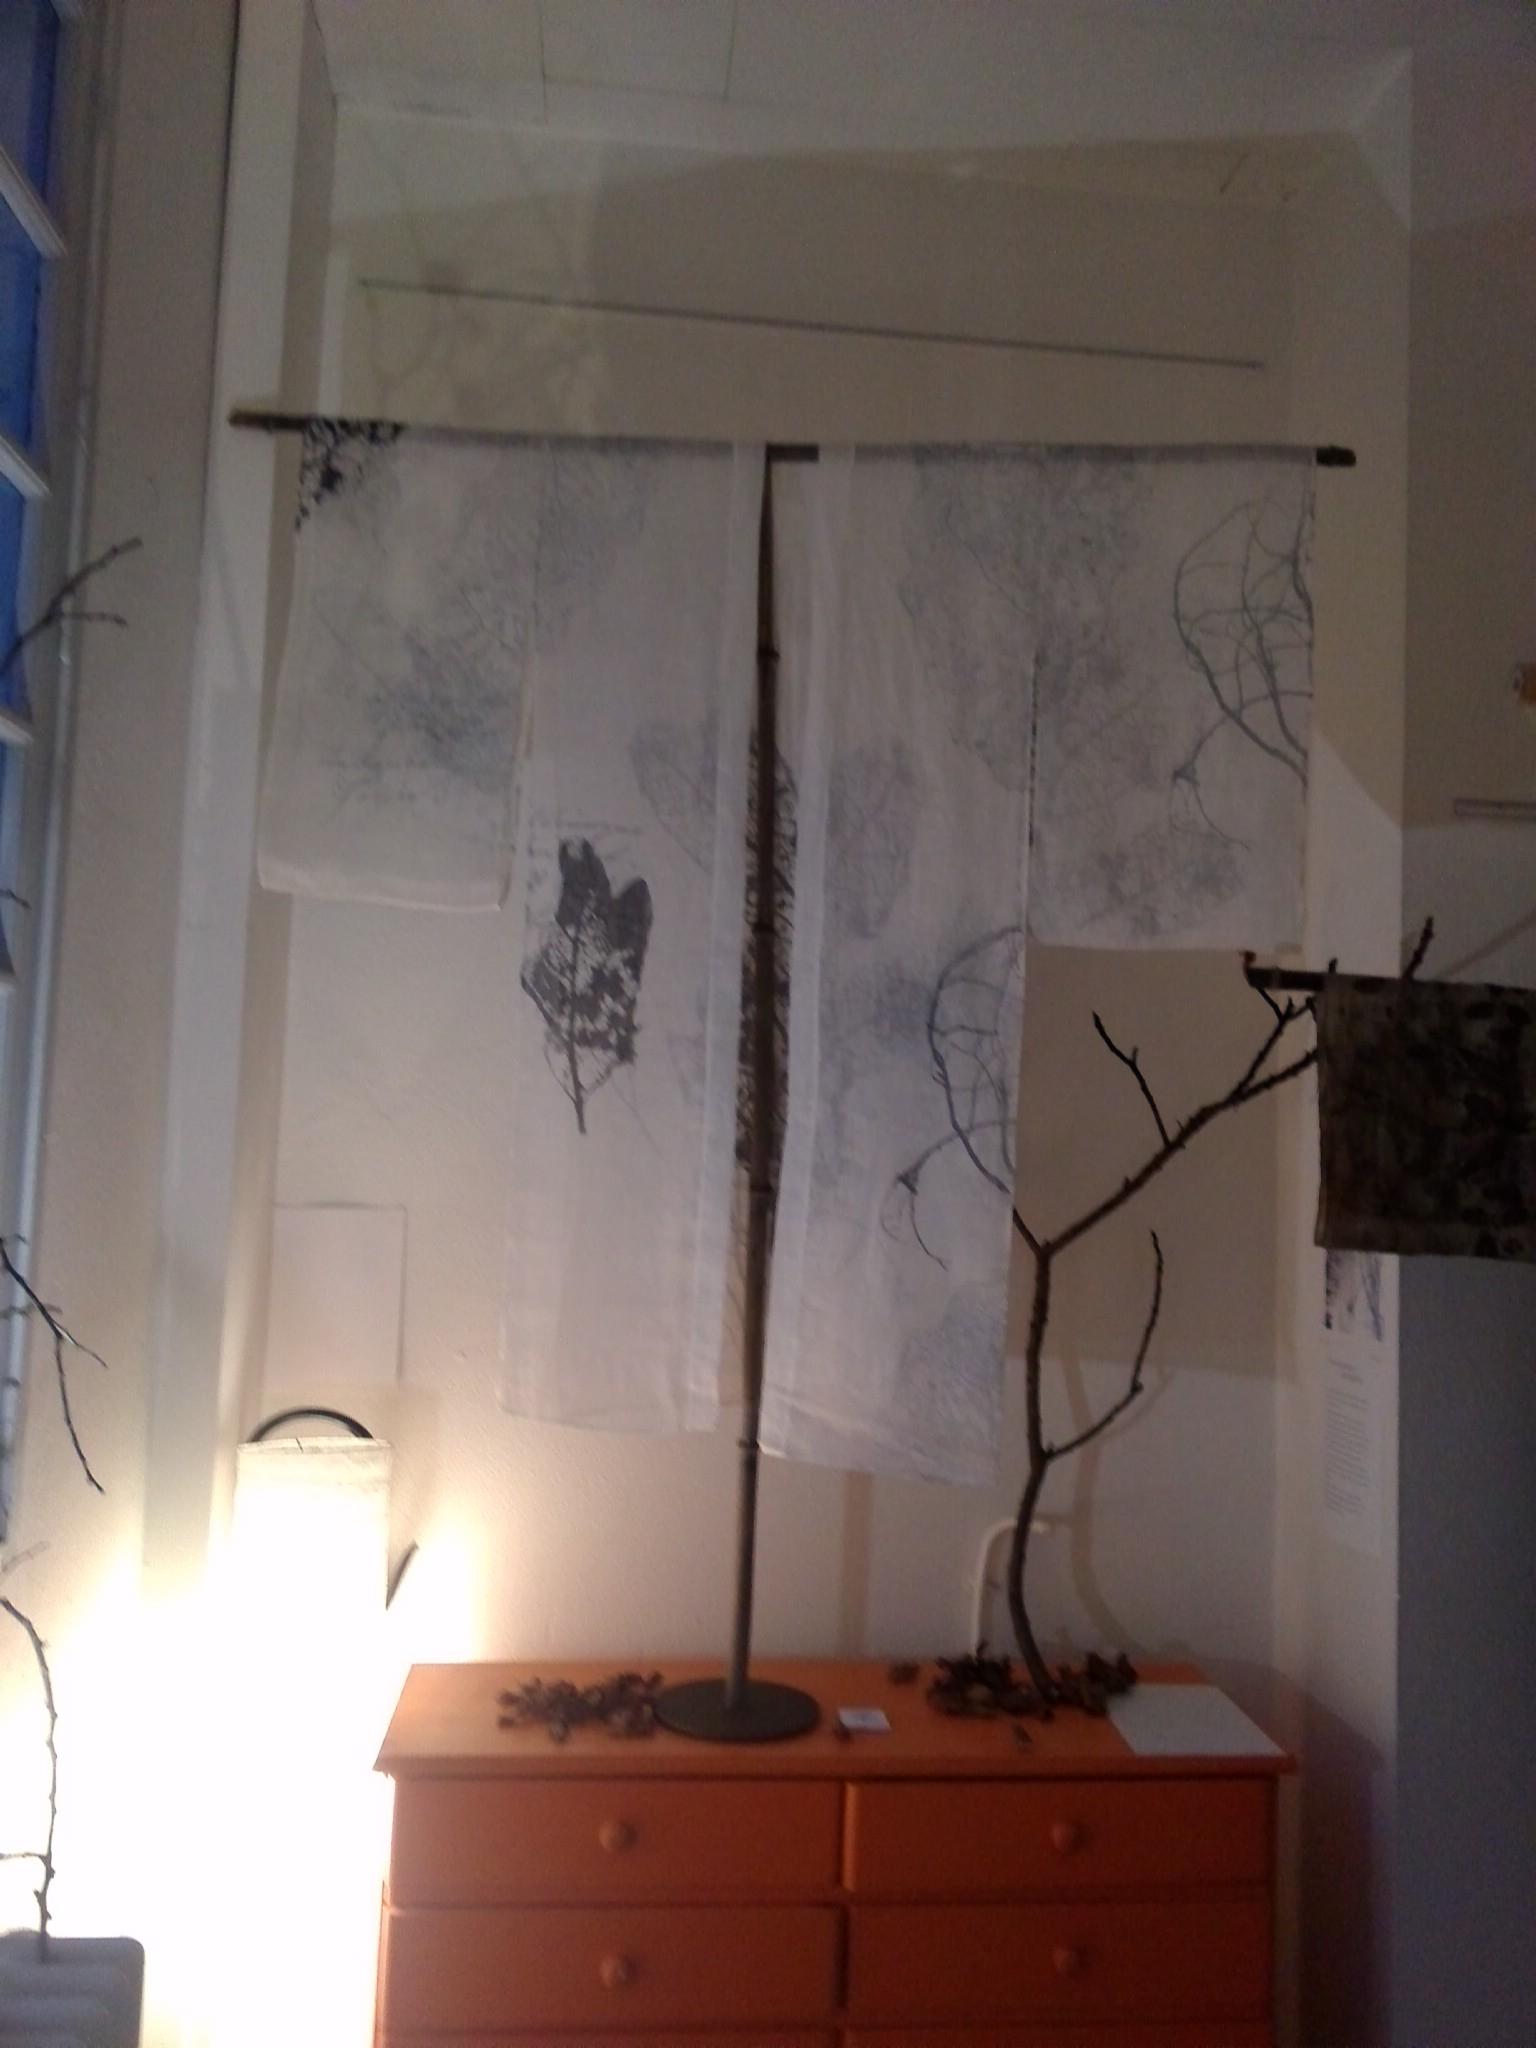 """exposition Shinrin-Yoku de mapie des vignes et helena sellergren.kimono """"Poésie d'Automne"""" sérigraphie sur voile de lin"""